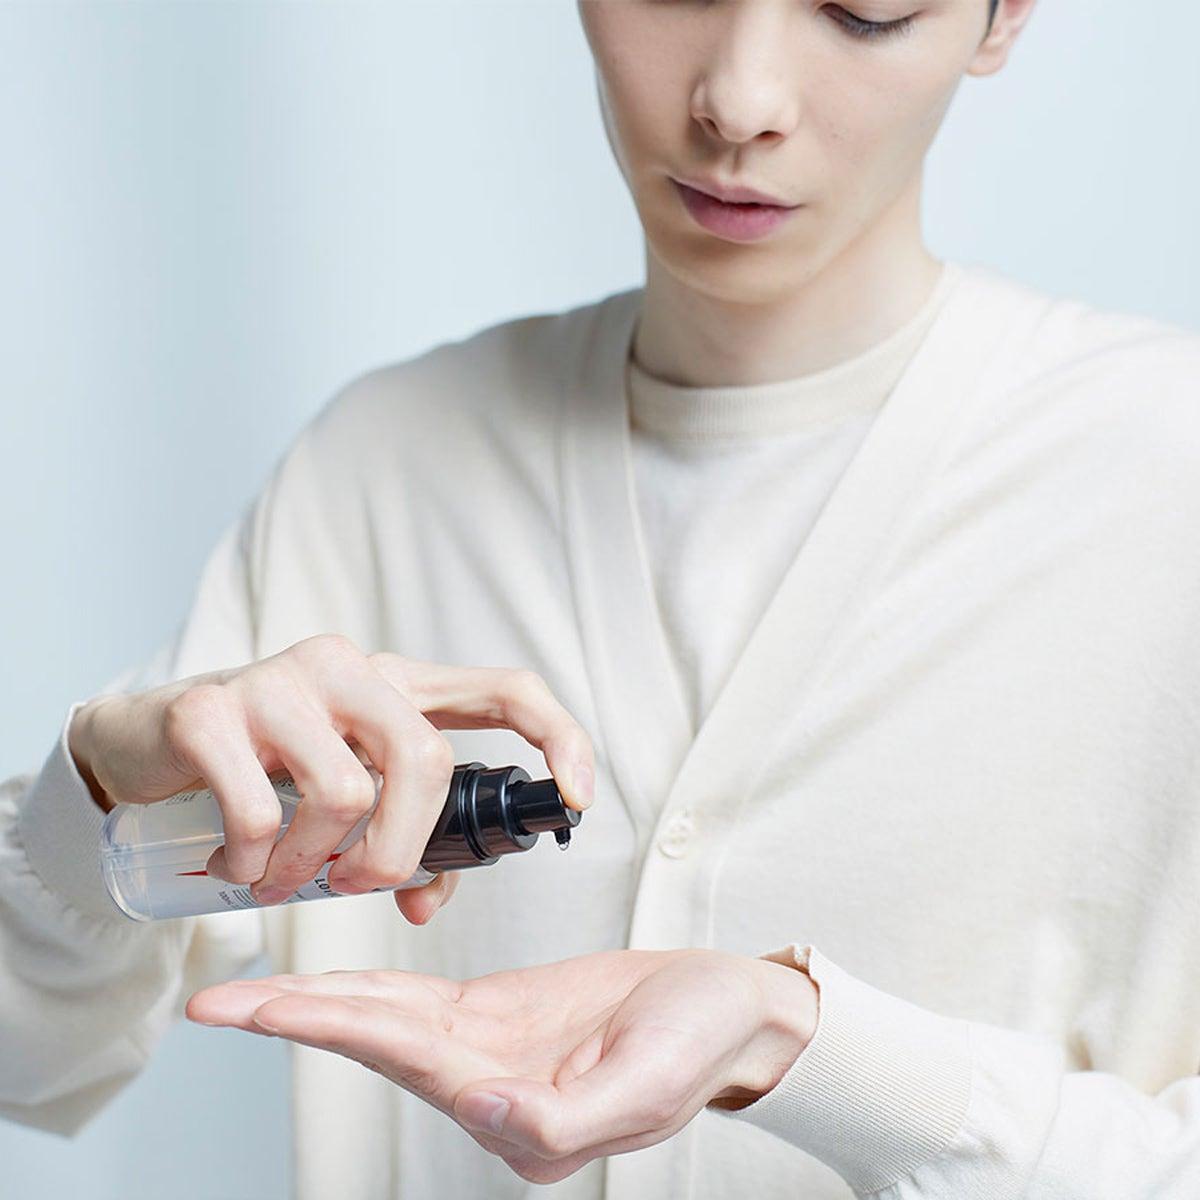 男性のうるおい肌のための「UNO」、化粧水と乳液が新発売。